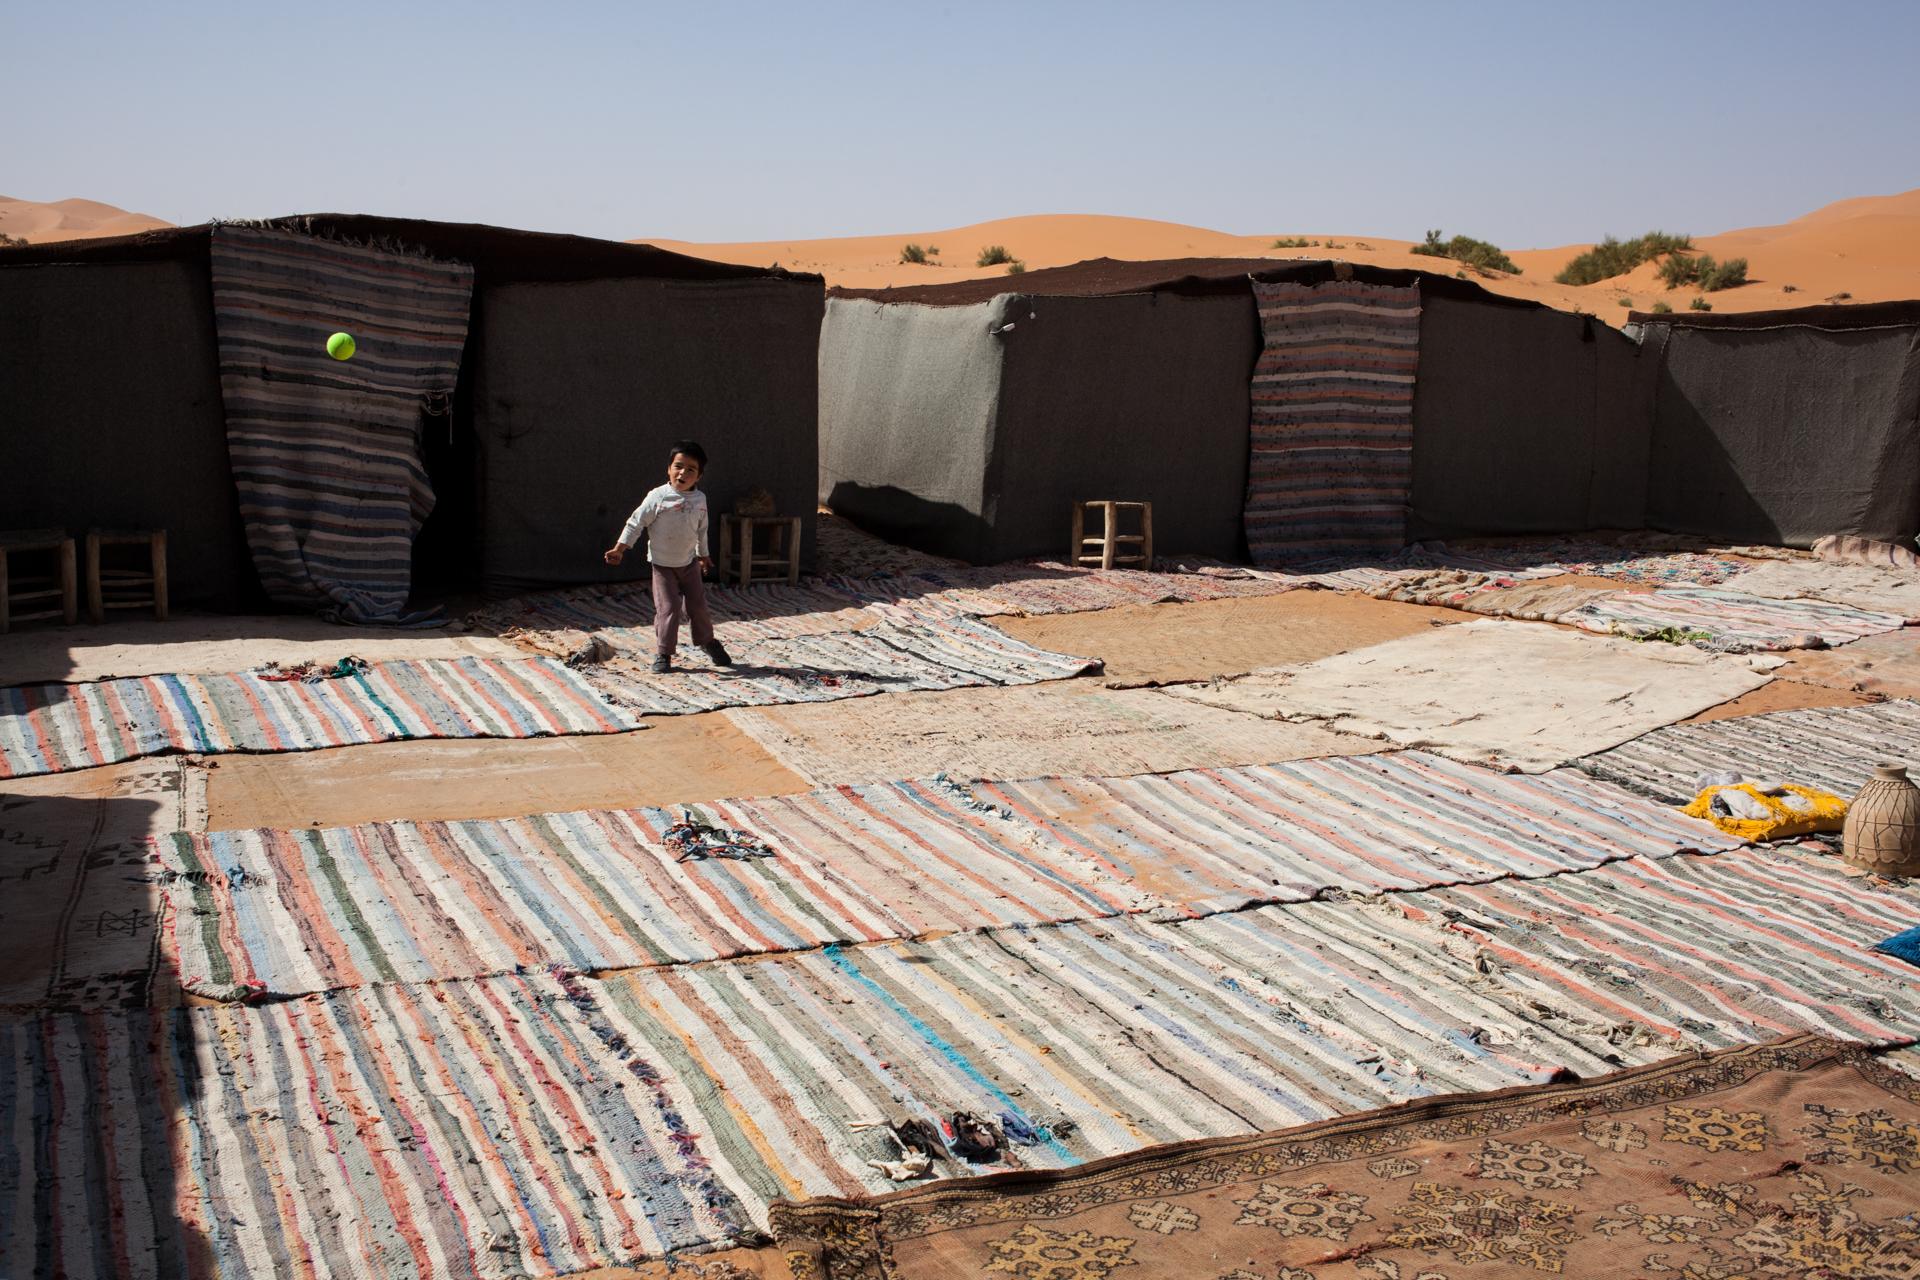 Morocco_Apr15__by_kingmouf-272